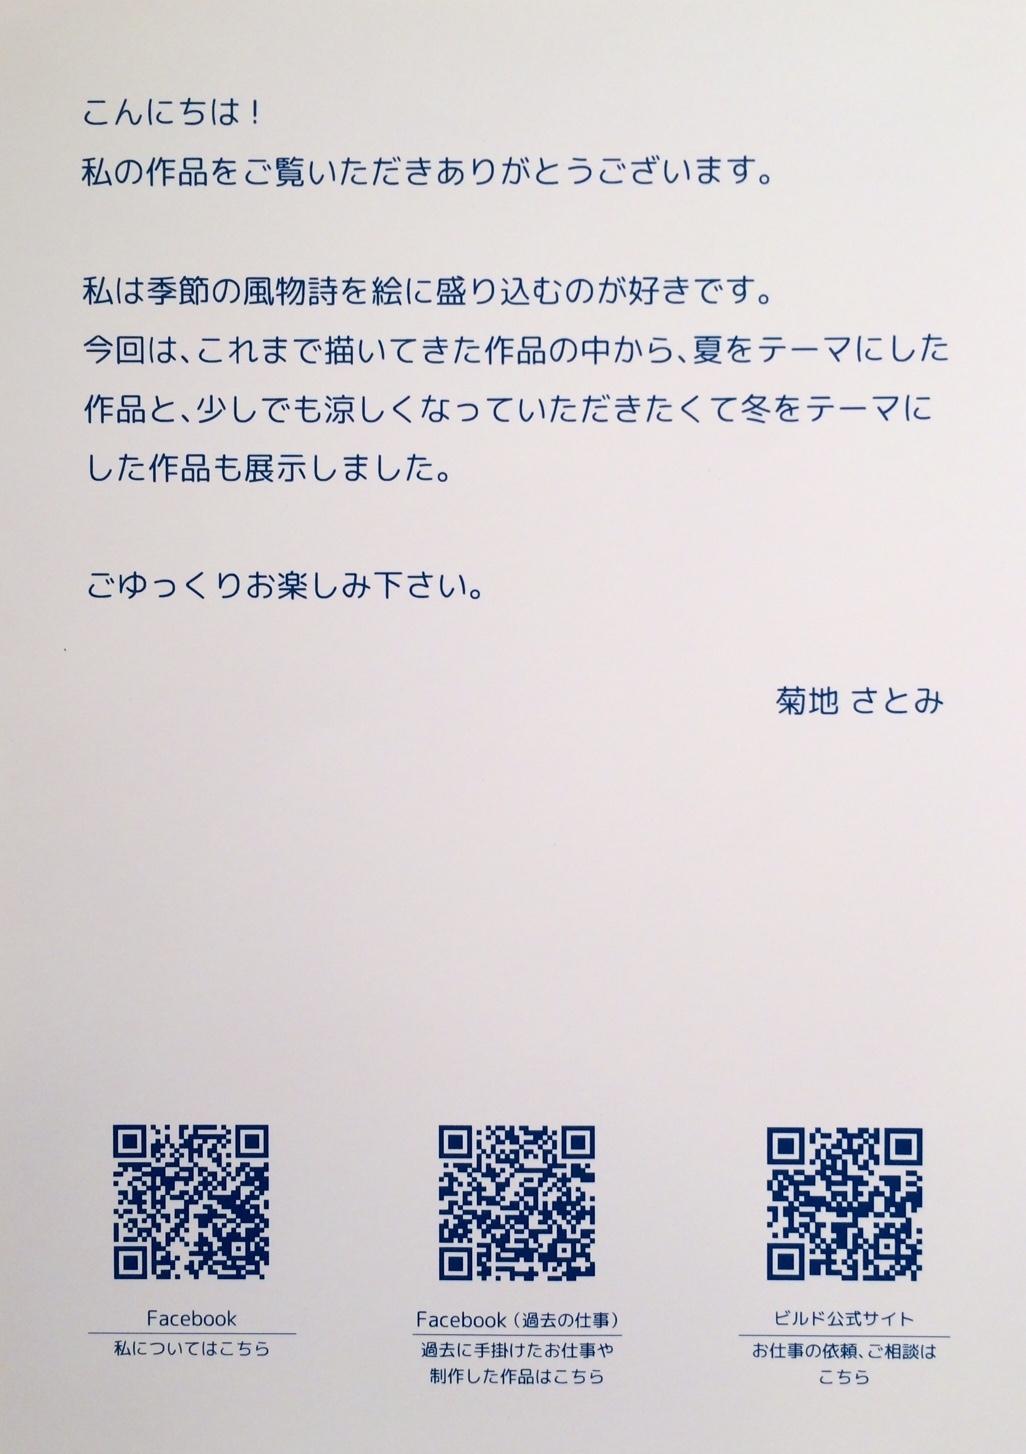 7月のミニギャラリーは 菊地さとみさんです_c0227664_14231188.jpg